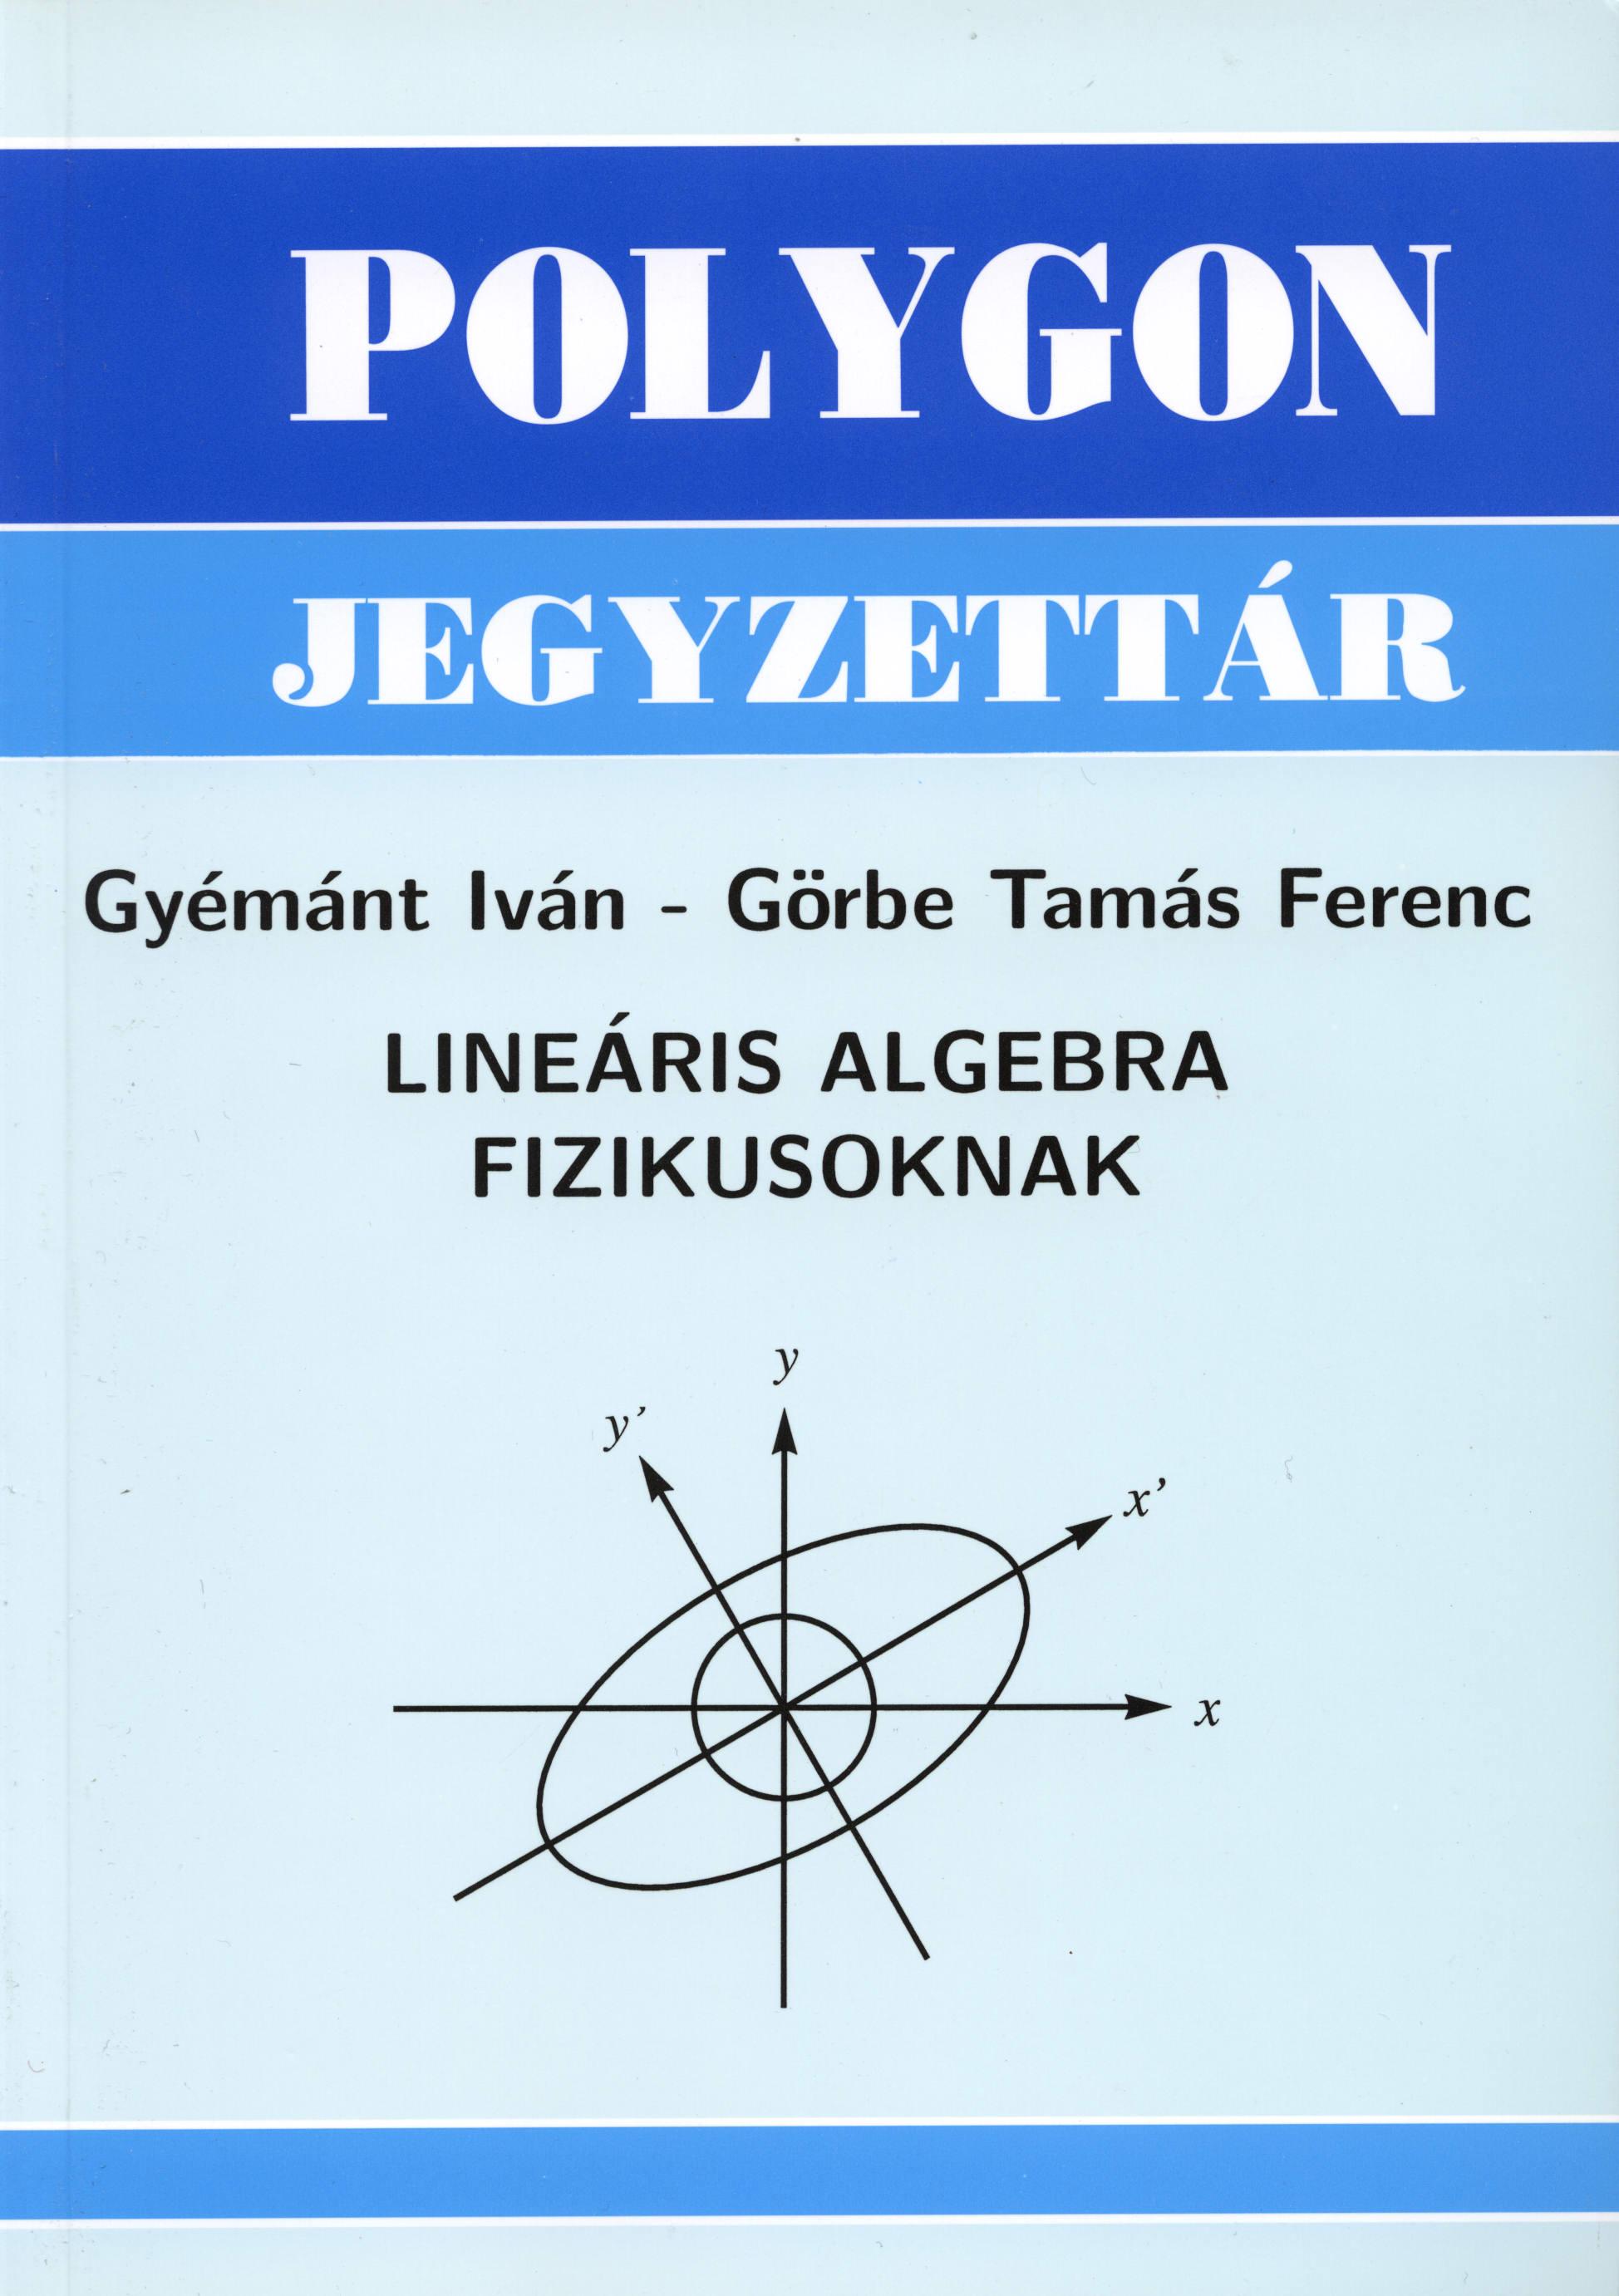 Lineáris algebra fizikusoknak - Polygon jegyzet